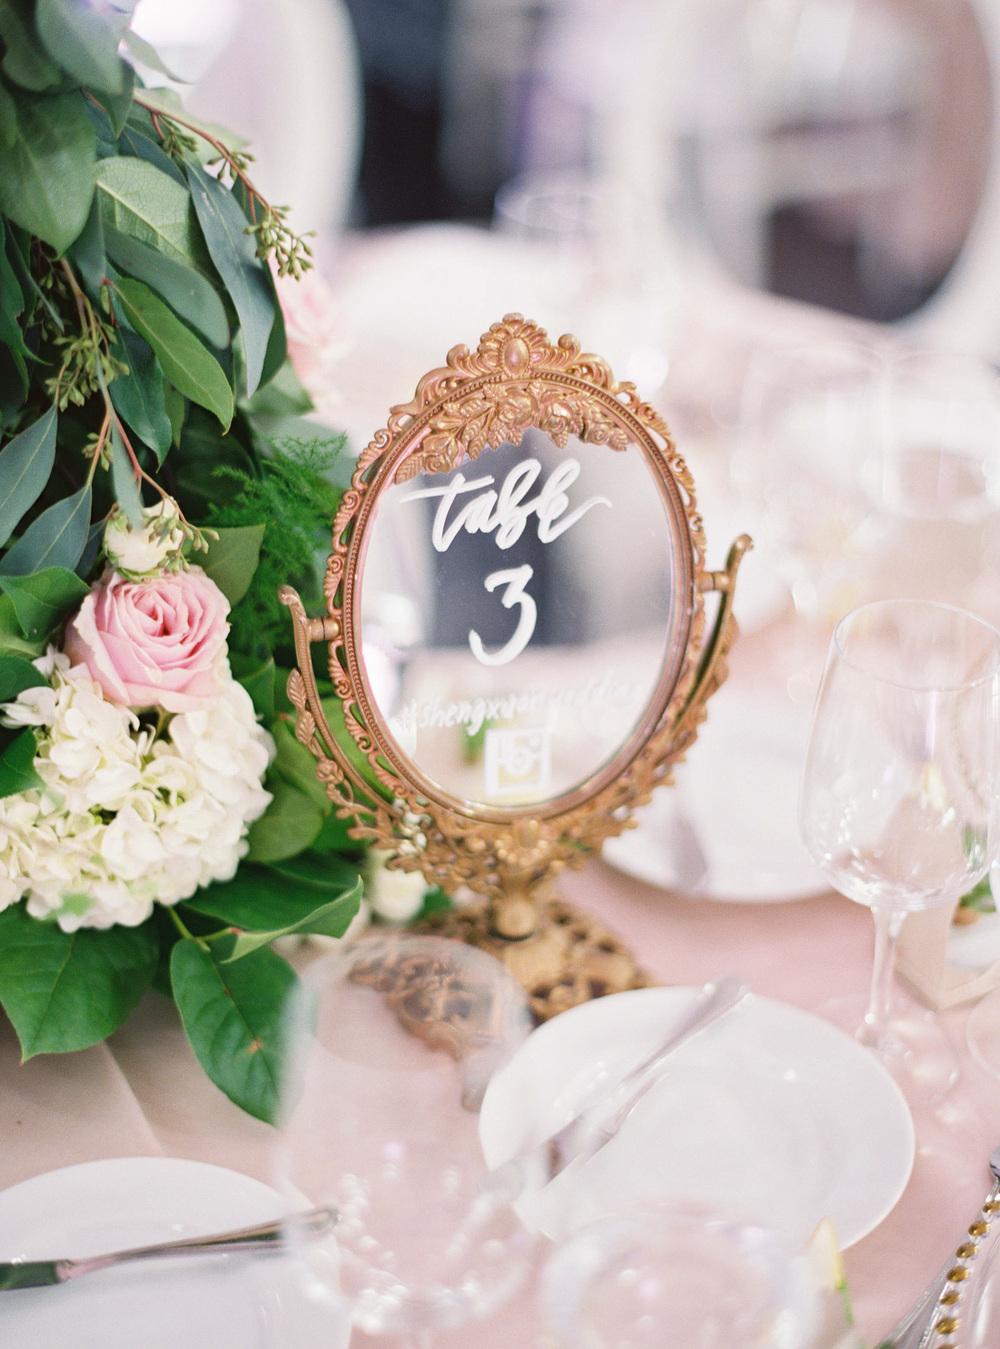 Bella Vanity Table Number Mirrors